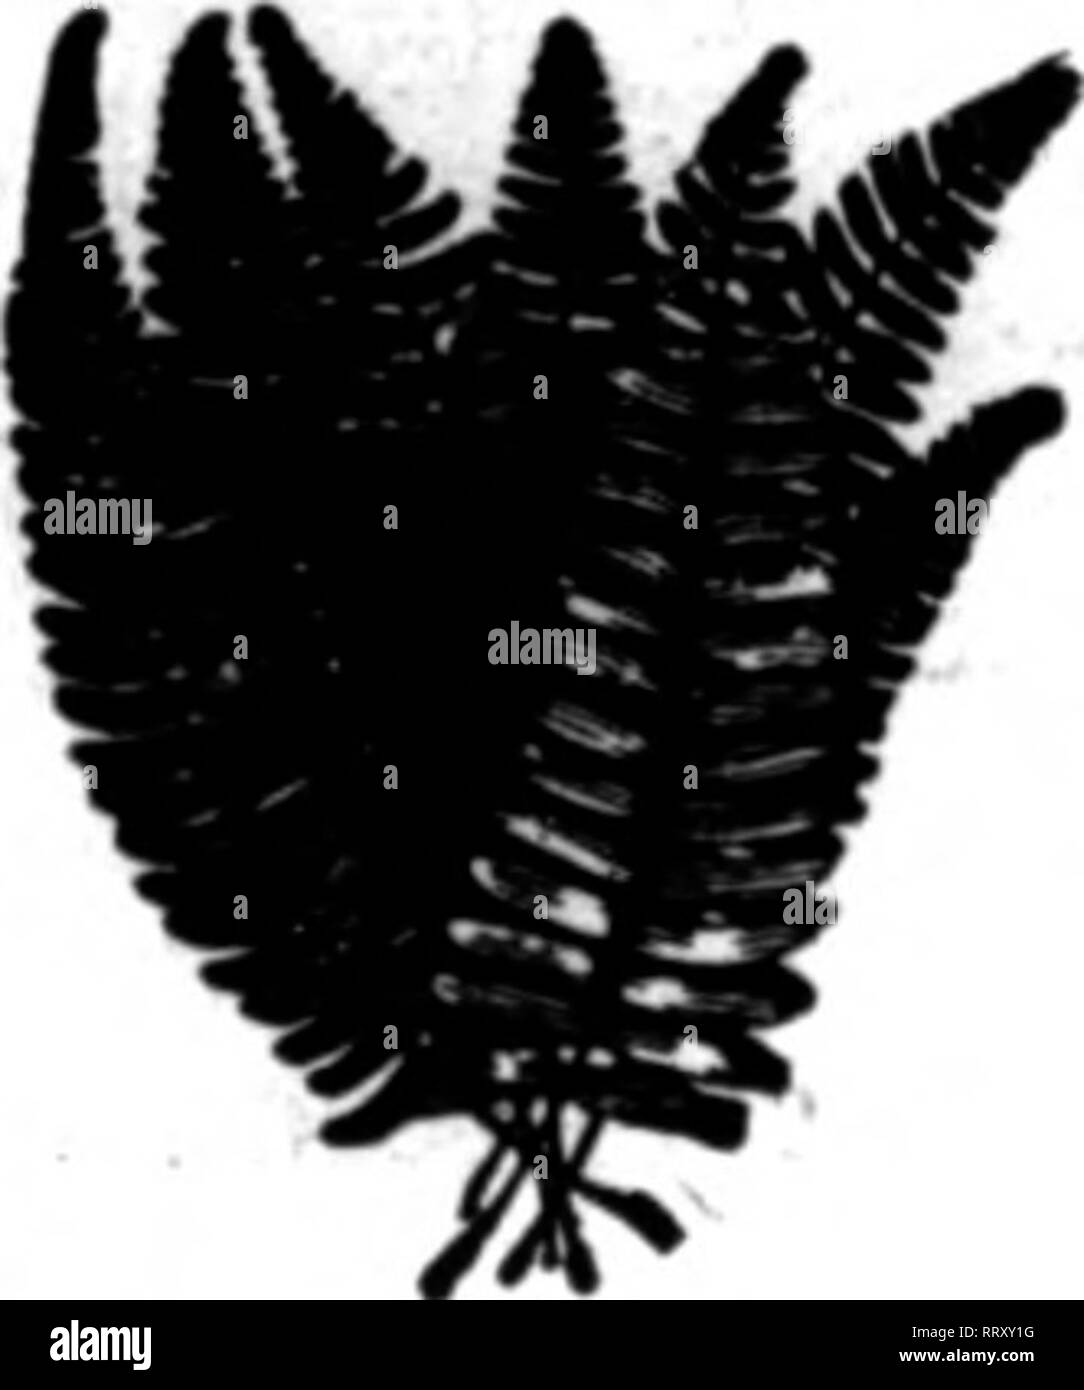 """. Fioristi' review [microformati]. Floricoltura. Commercio all'ingrosso SOLO GALAX, felci e LEUCOTHOE Richiedi Listino Prezzi QEOROB W. CALDWELL, boscaiolo l uomo che grotta è il Wild Stnllax sud selvaggio SMILAX v; ln quantitativi illimitati, ventiquattro ore di preavviso. Prezzo, $2.50 per caso RACCOLTI A MANO E FOGLIE DI MAGNOLIA $8,00 par caaa. Fiorista SPECIALE HOLLY $230 par caaa. Scrivere, filo o telefono CALDWELL BOSCAIOLO CO. ??Arytblnc In Southarn STarKraana """"V""""RGRKmf, ALA. Sputhern Wild Smilax scrivere o filo CHAHAHOOCHEE ELORAL CO., HaUher StaUoi,Ga. Bannara Elk, la Carolina del Nord Evergreen Co. Indirizzo commanlcat aU Foto Stock"""